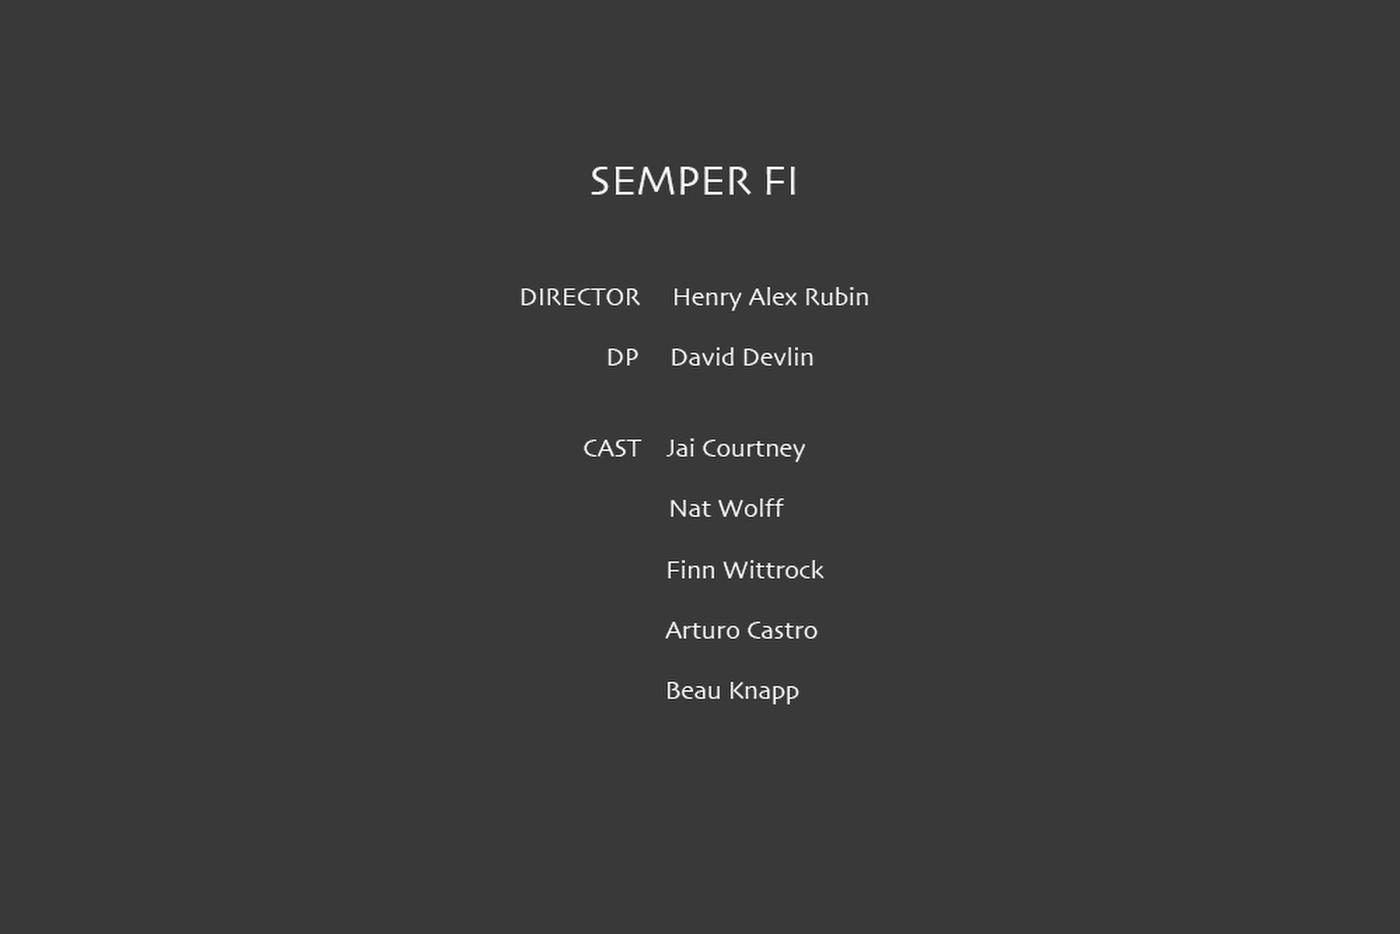 SemperFi_text